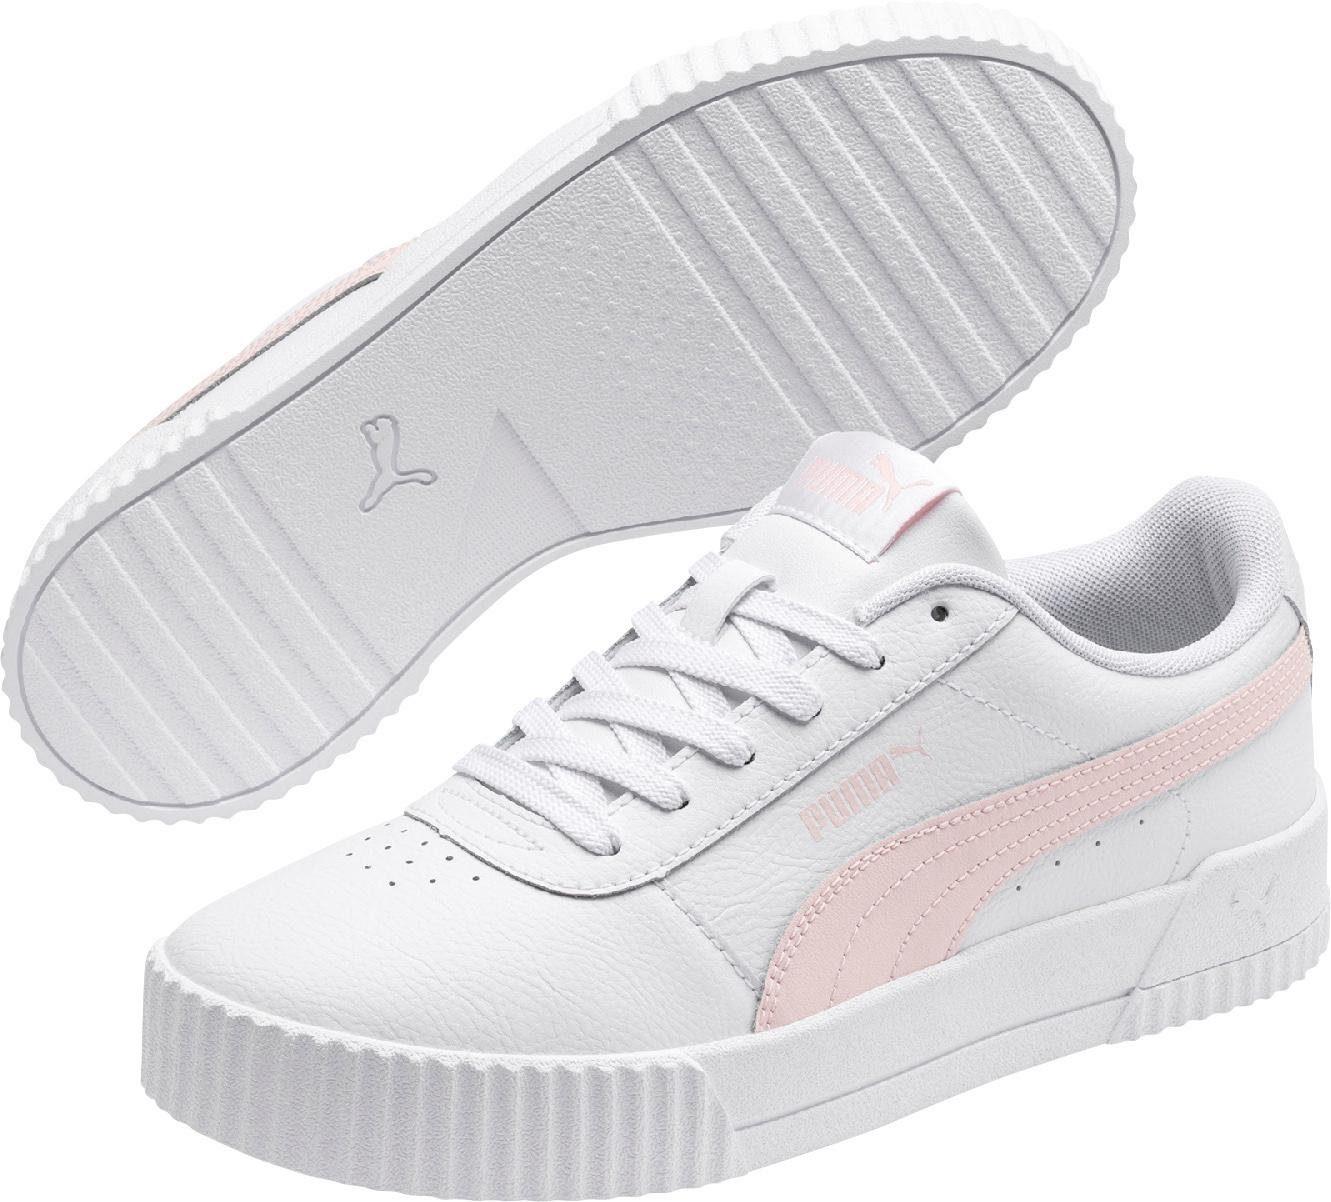 PUMA »CARINA L« Plateausneaker, Schlichter Sneaker von PUMA online kaufen | OTTO